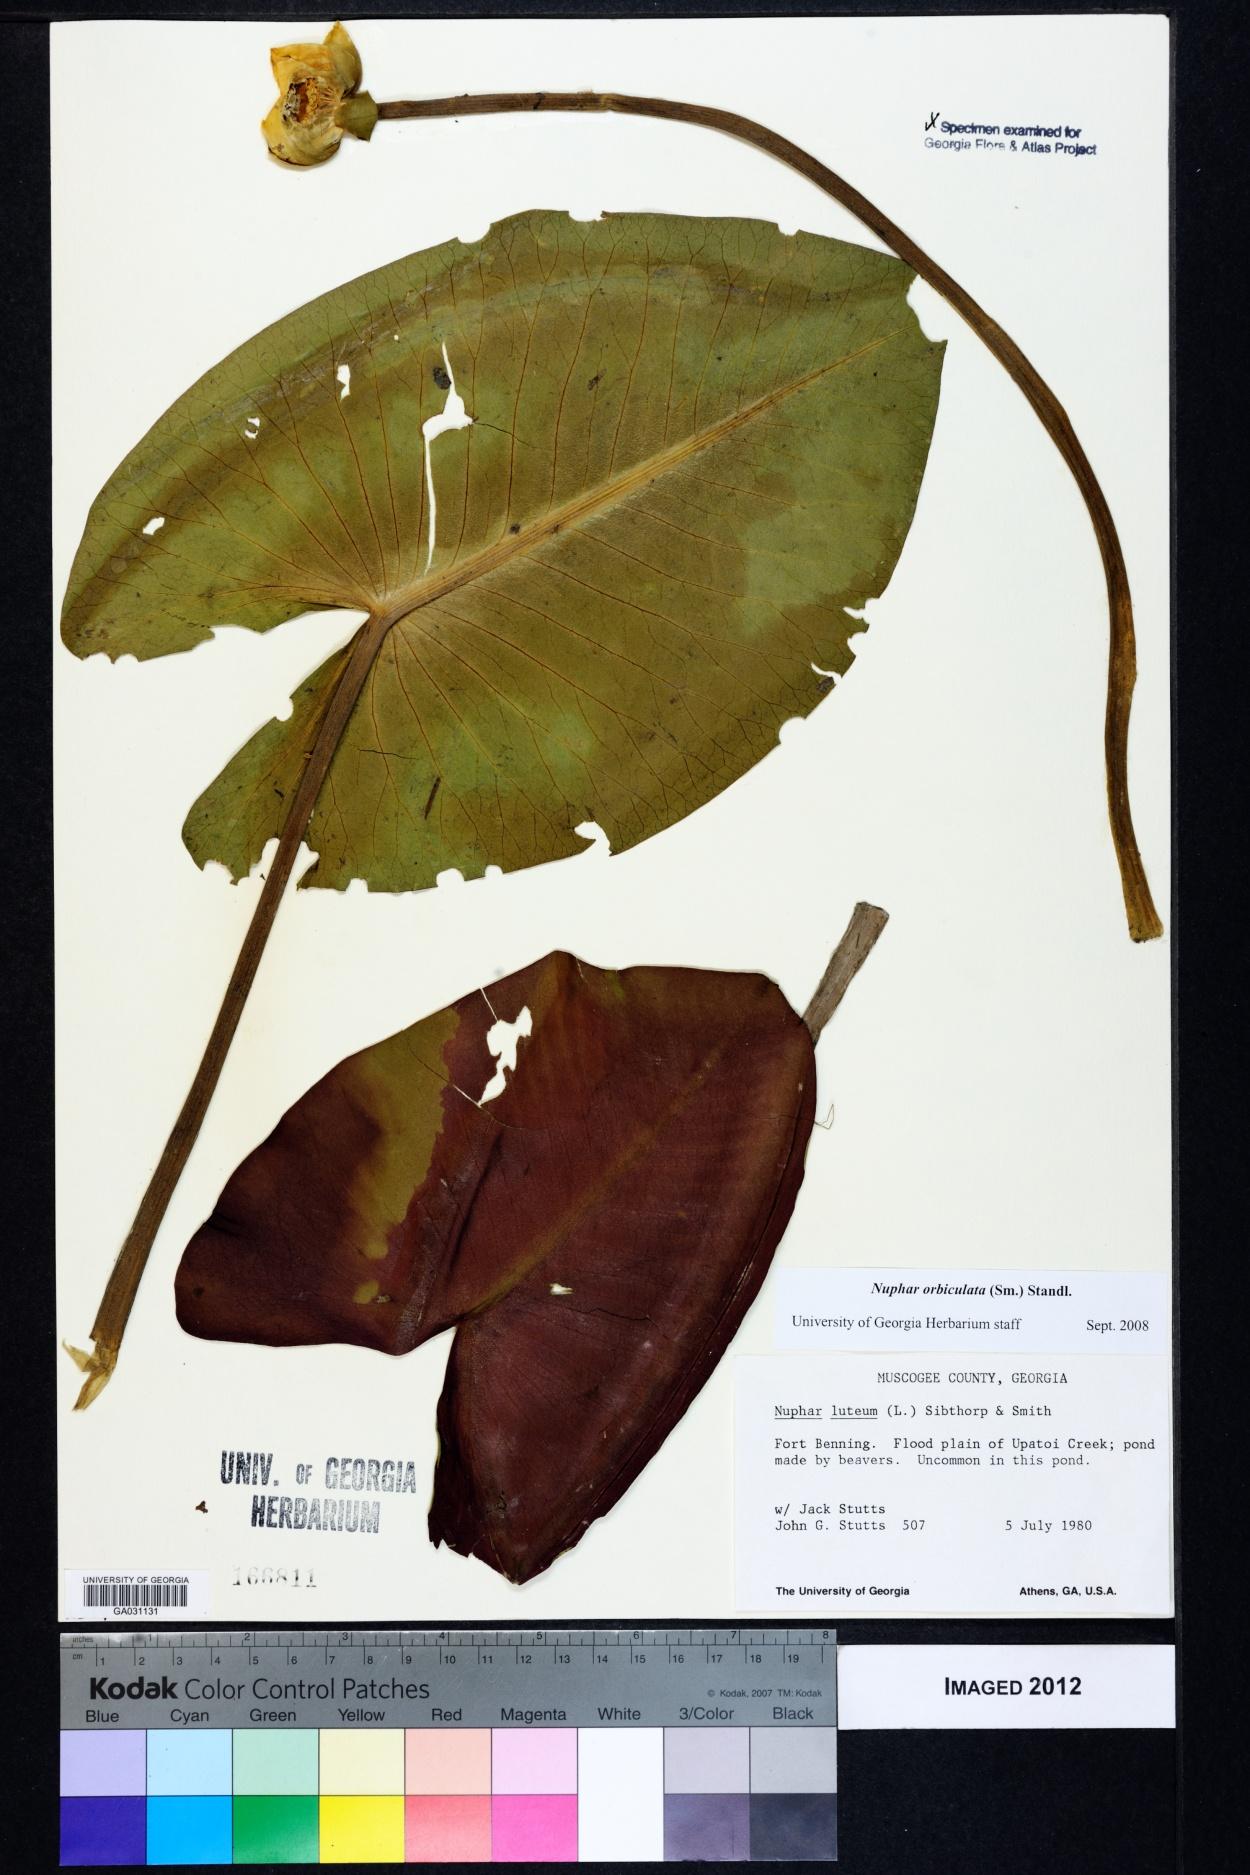 Nuphar lutea subsp. orbiculata image